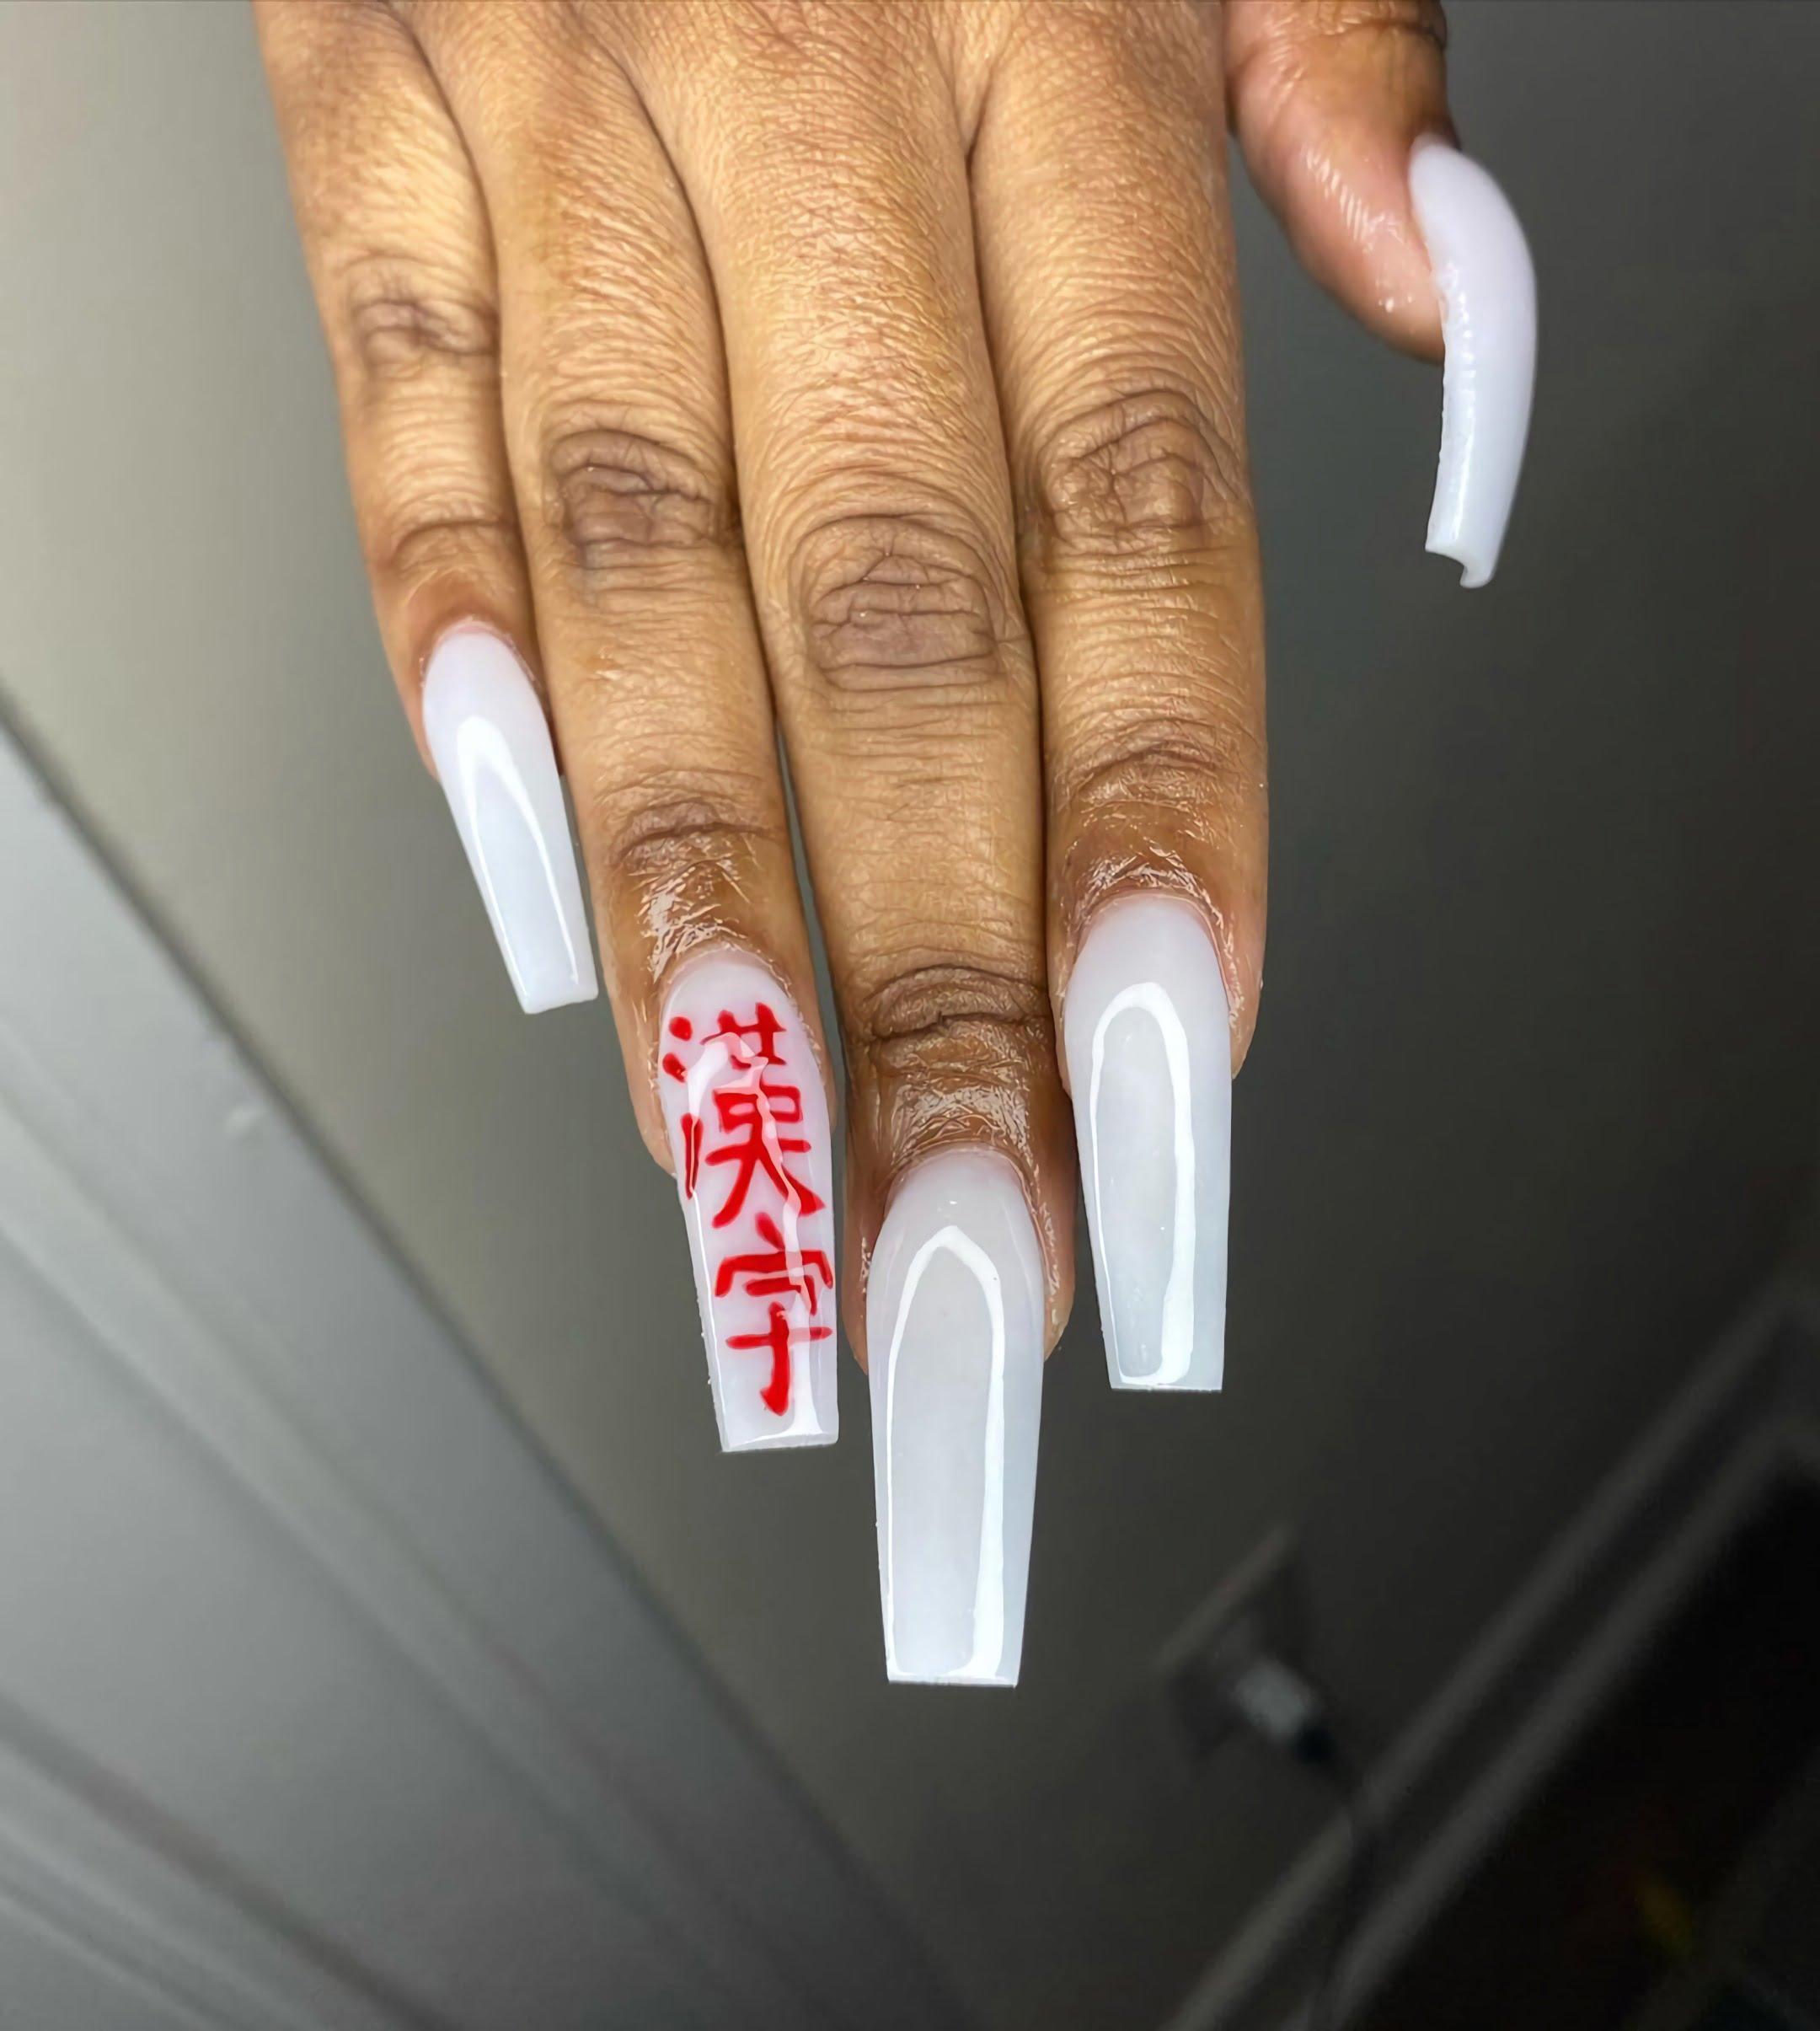 стильные белые ногти с иероглифами